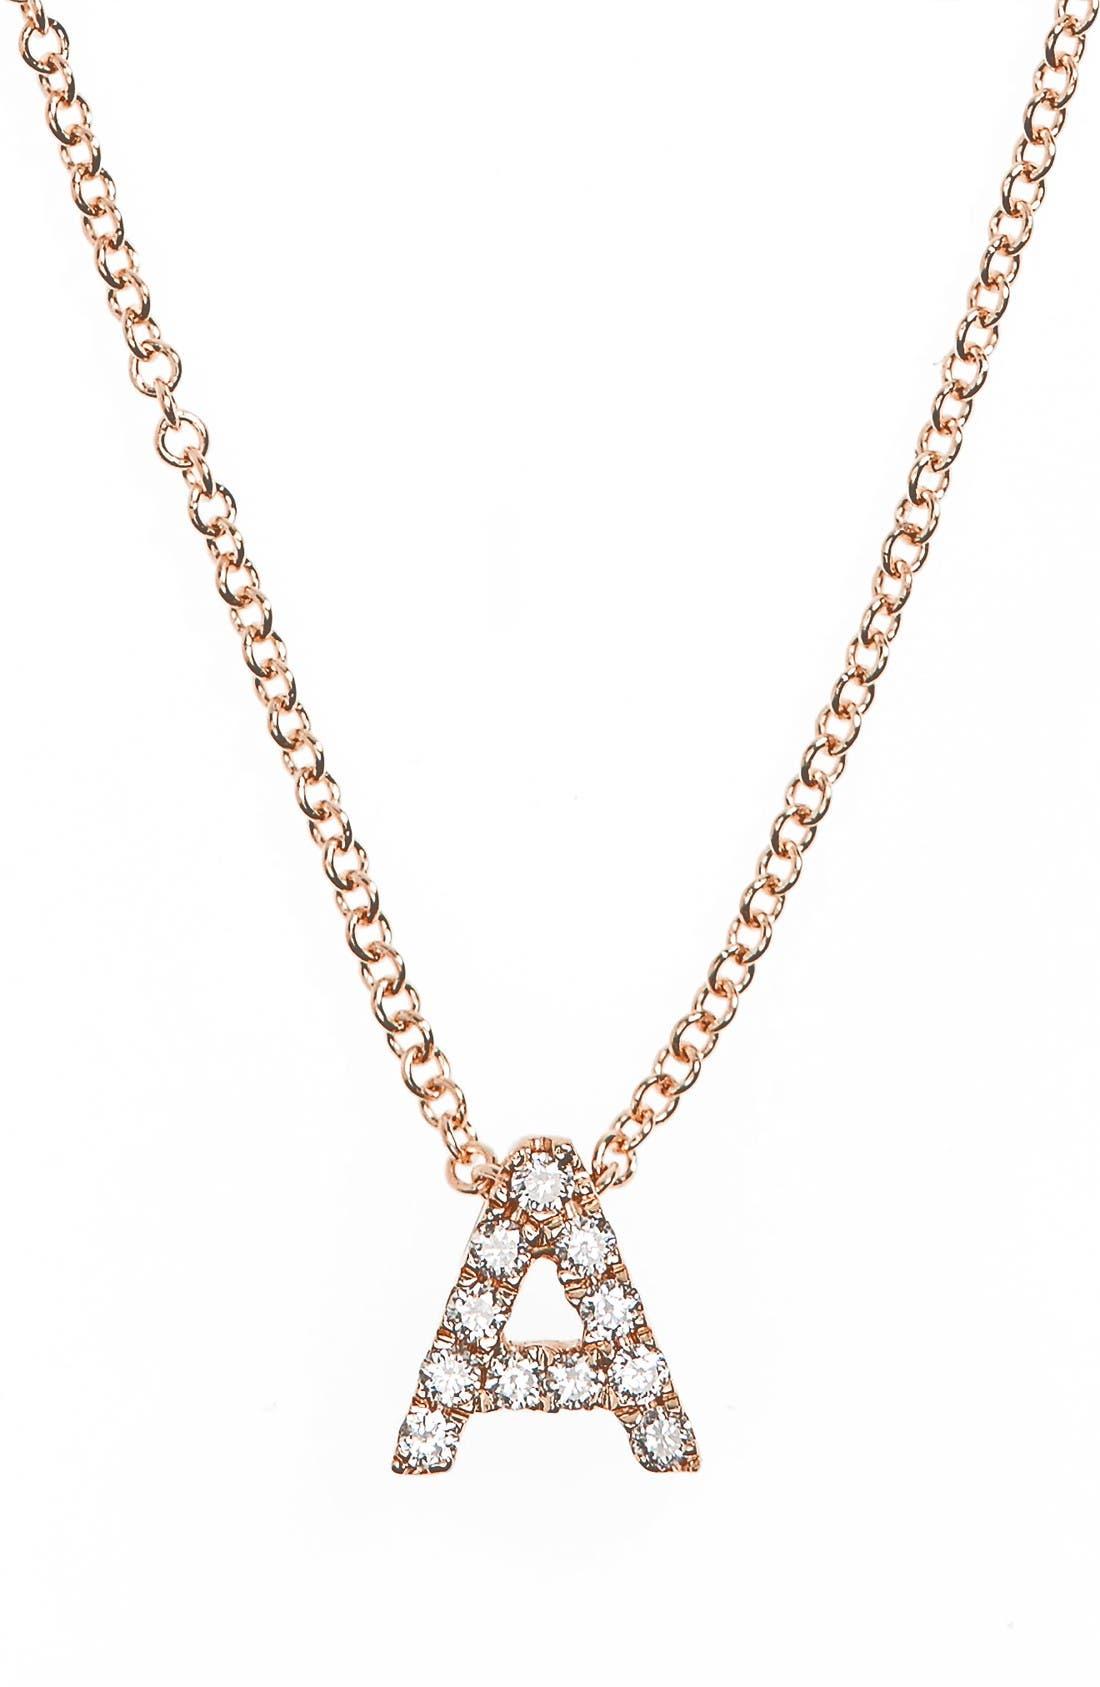 18k Gold Pavé Diamond Initial Pendant Necklace,                             Main thumbnail 1, color,                             ROSE GOLD - A